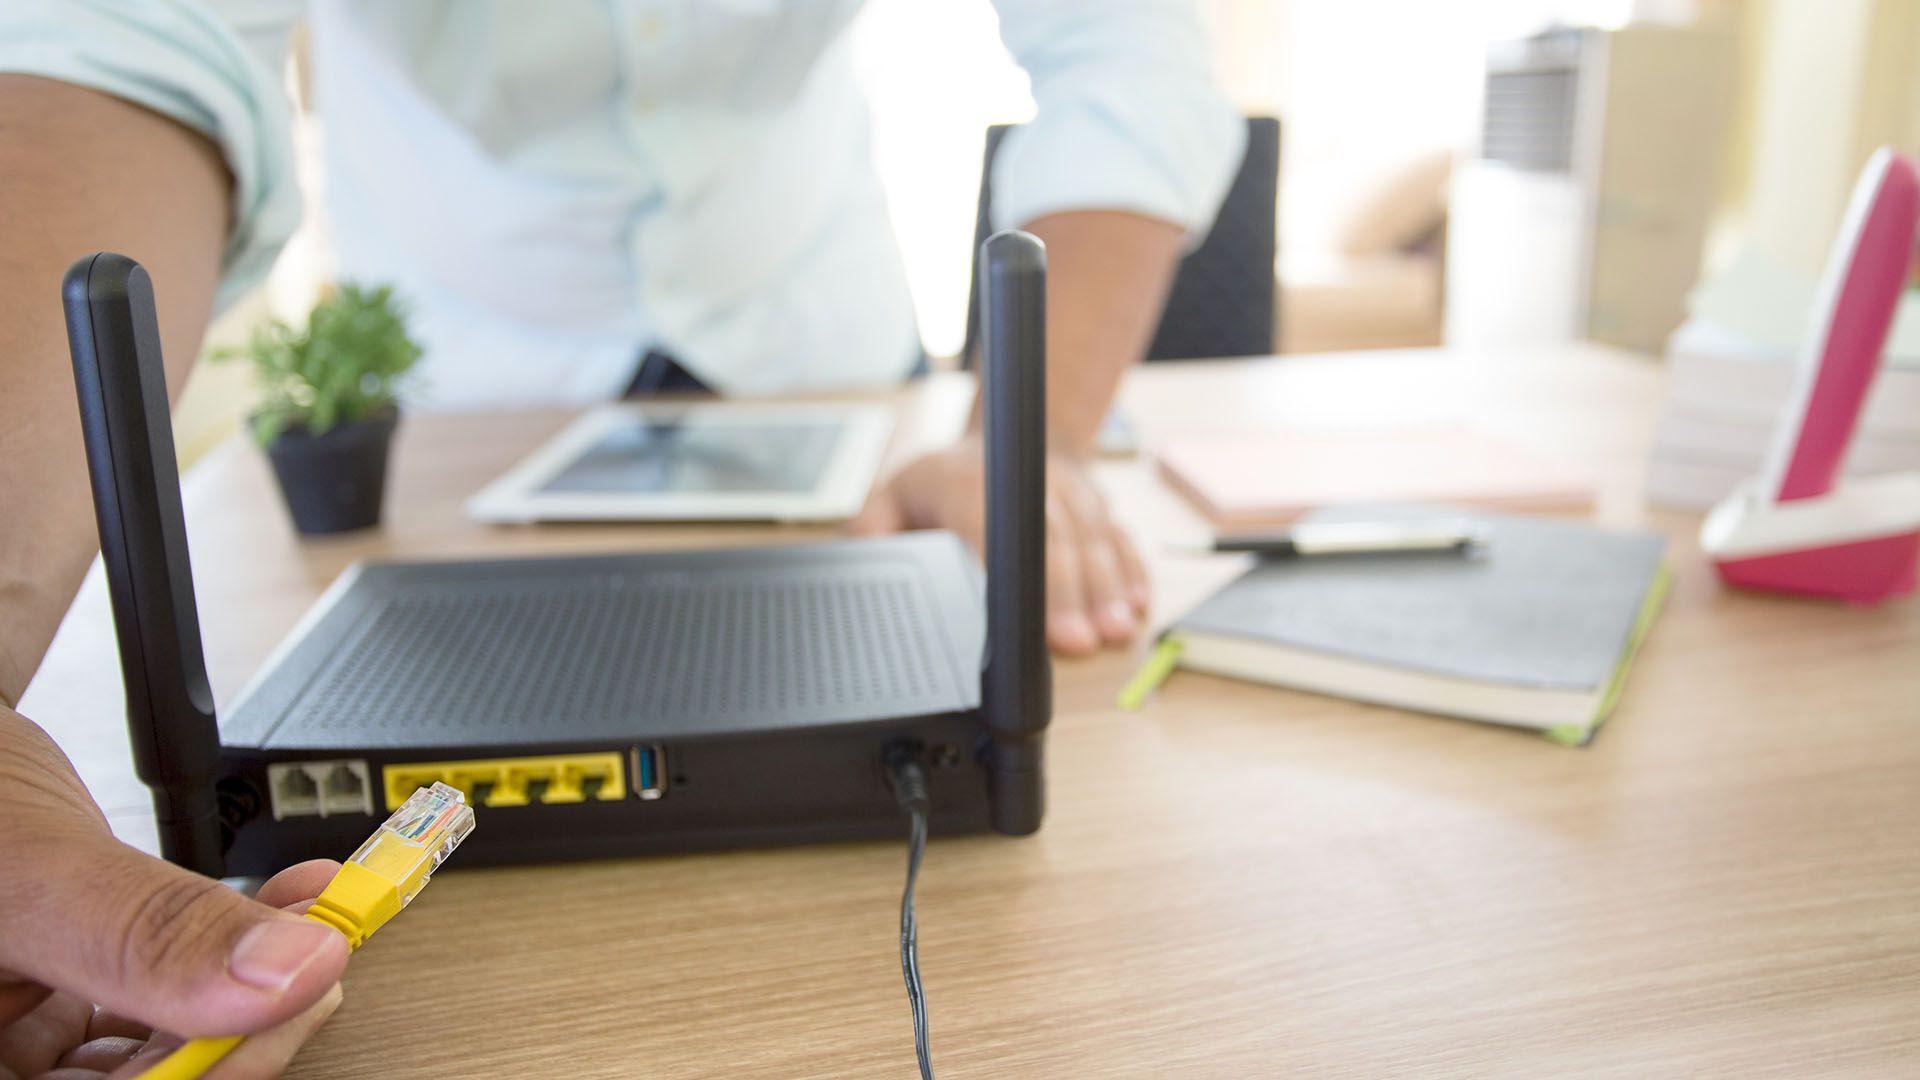 El estándar wifi 6 se anunció oficialmente en septiembre de este año.